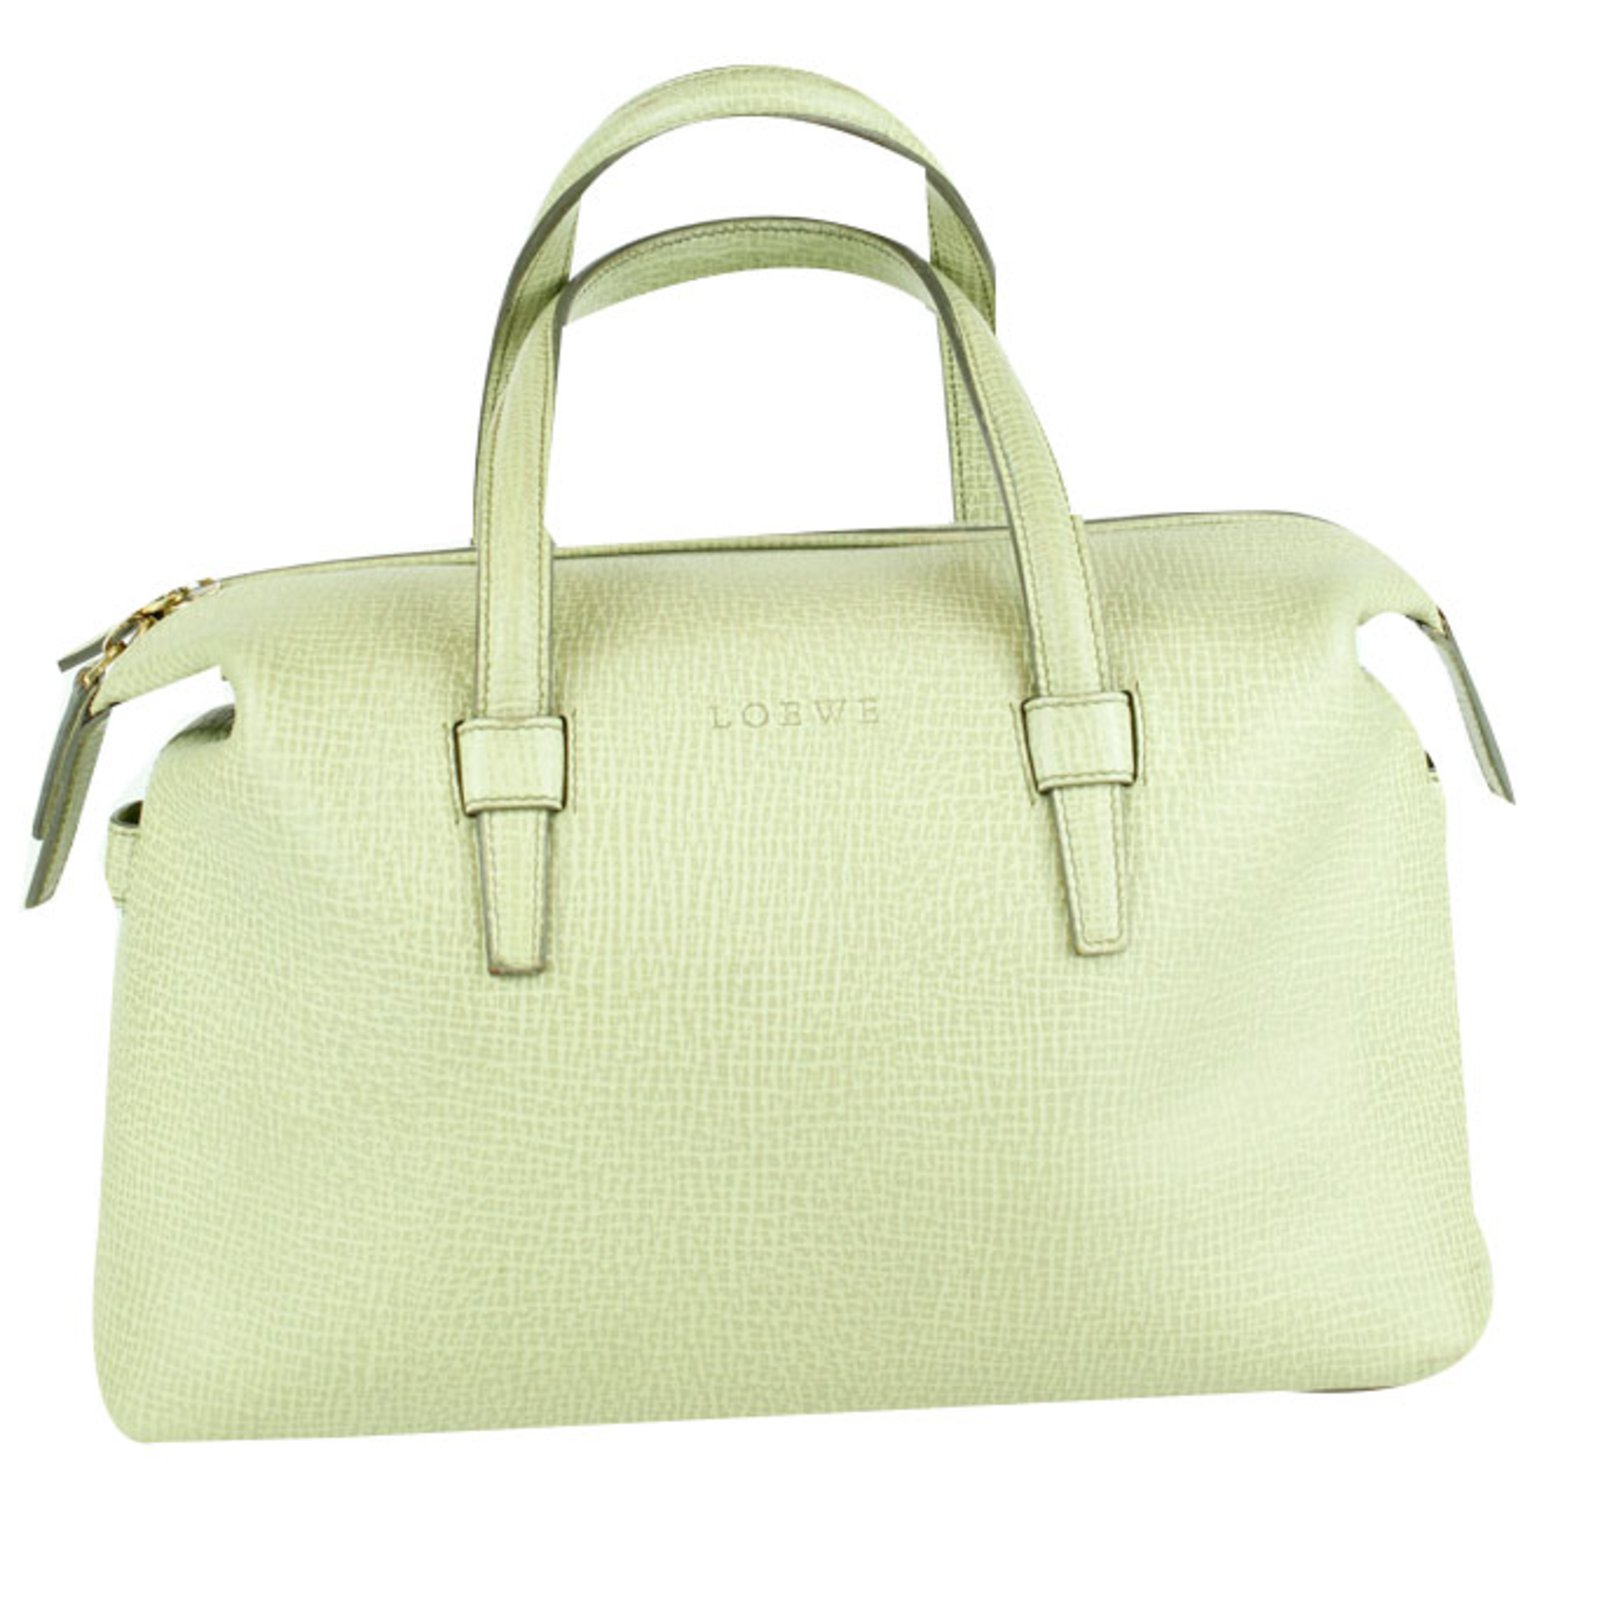 Loewe Handbags Leather Green Ref 53016